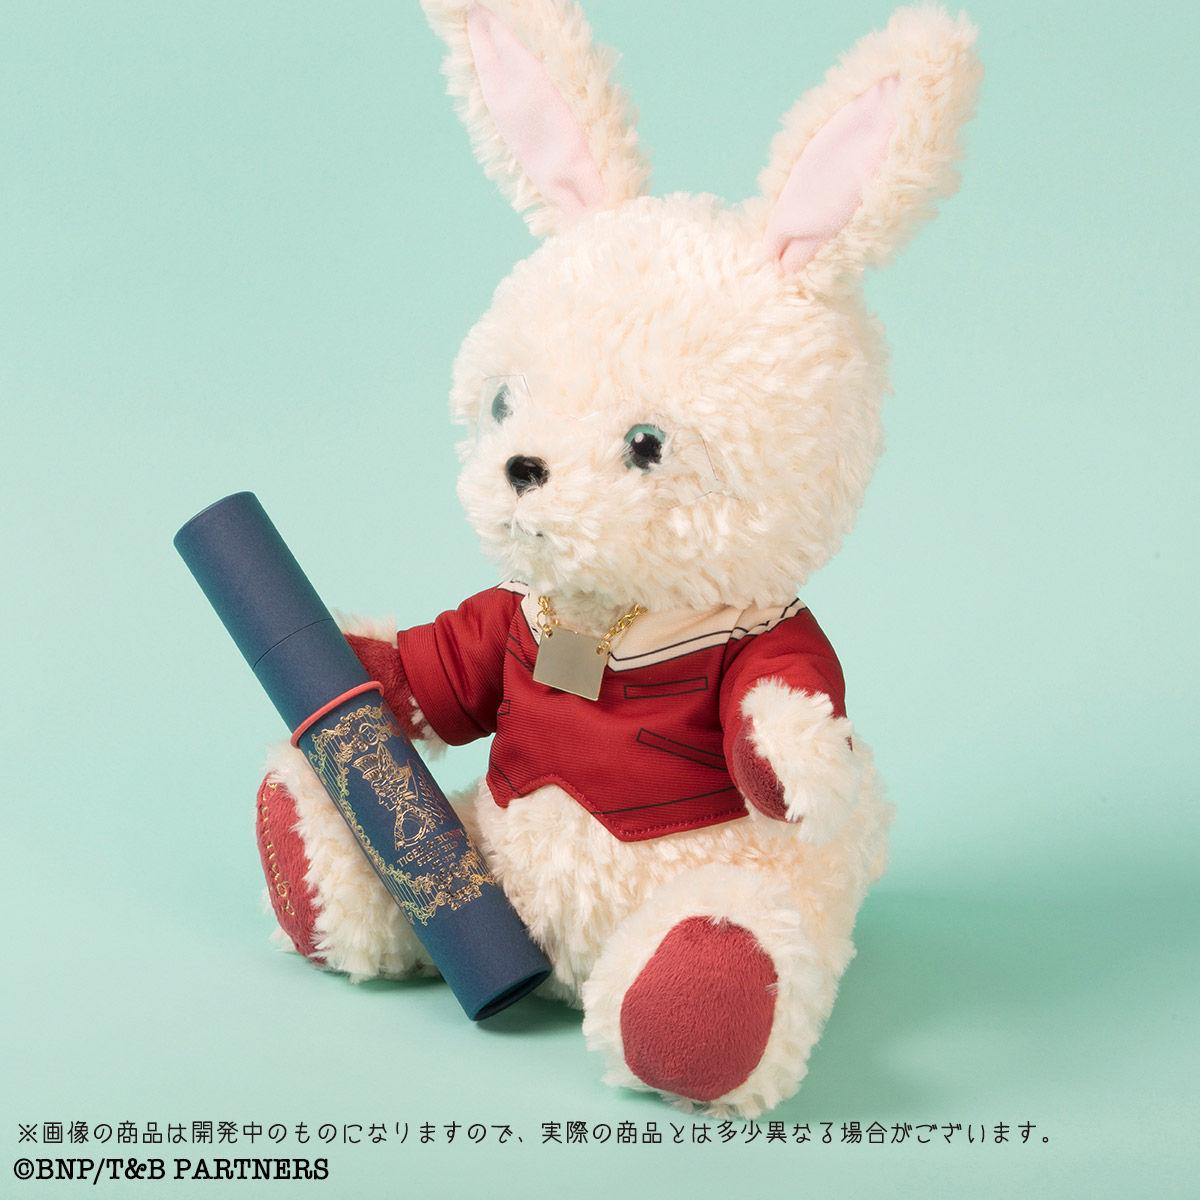 【限定販売】タイバニ『グリーティングレター with TIGER & BUNNY』TIGER & BUNNY ぬいぐるみ-004